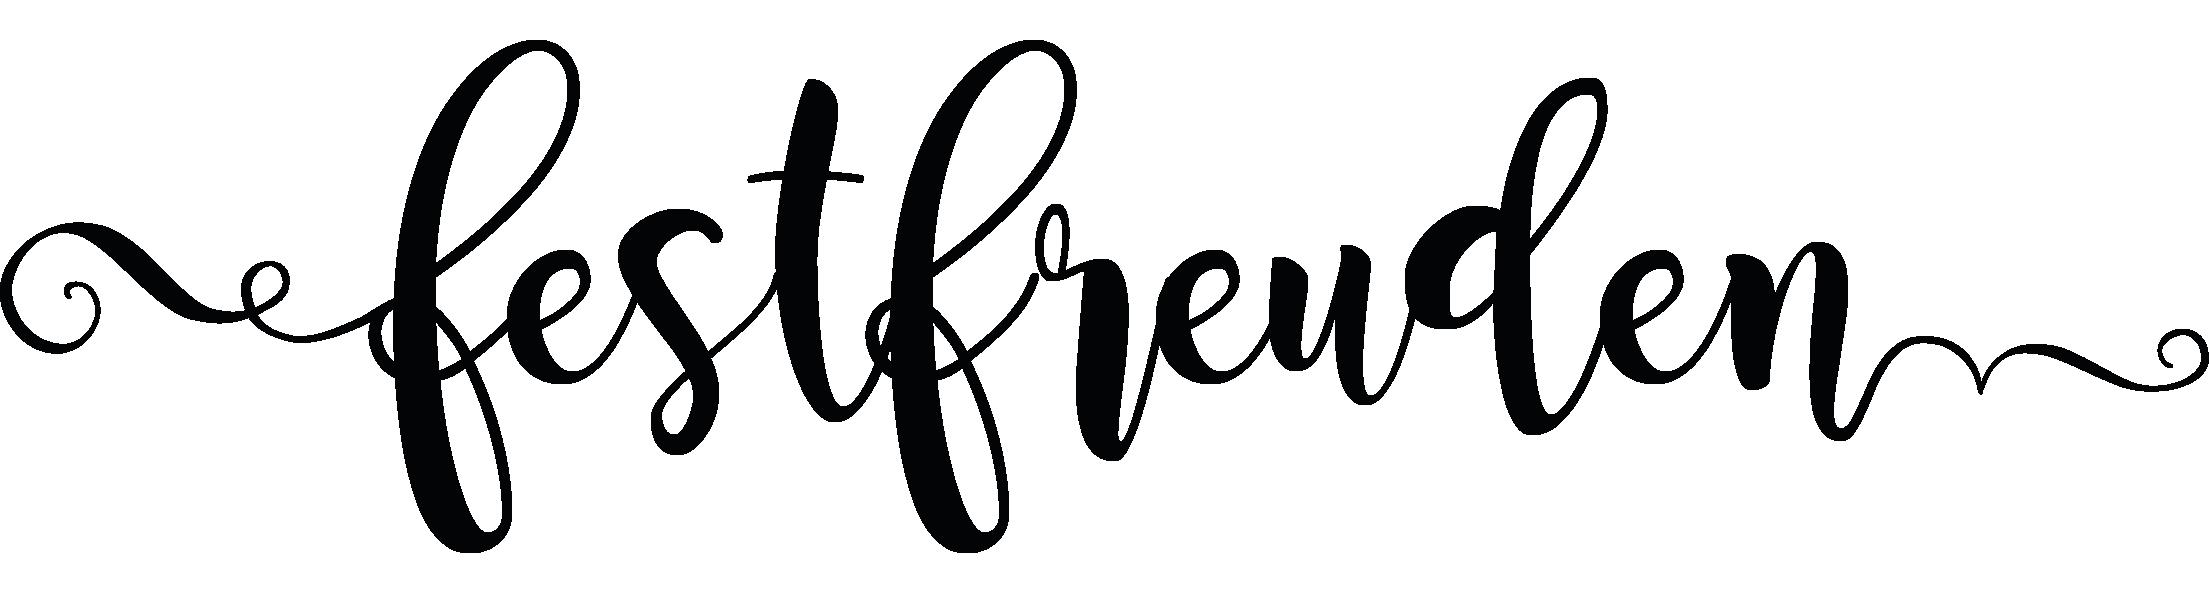 Festfreuden A4